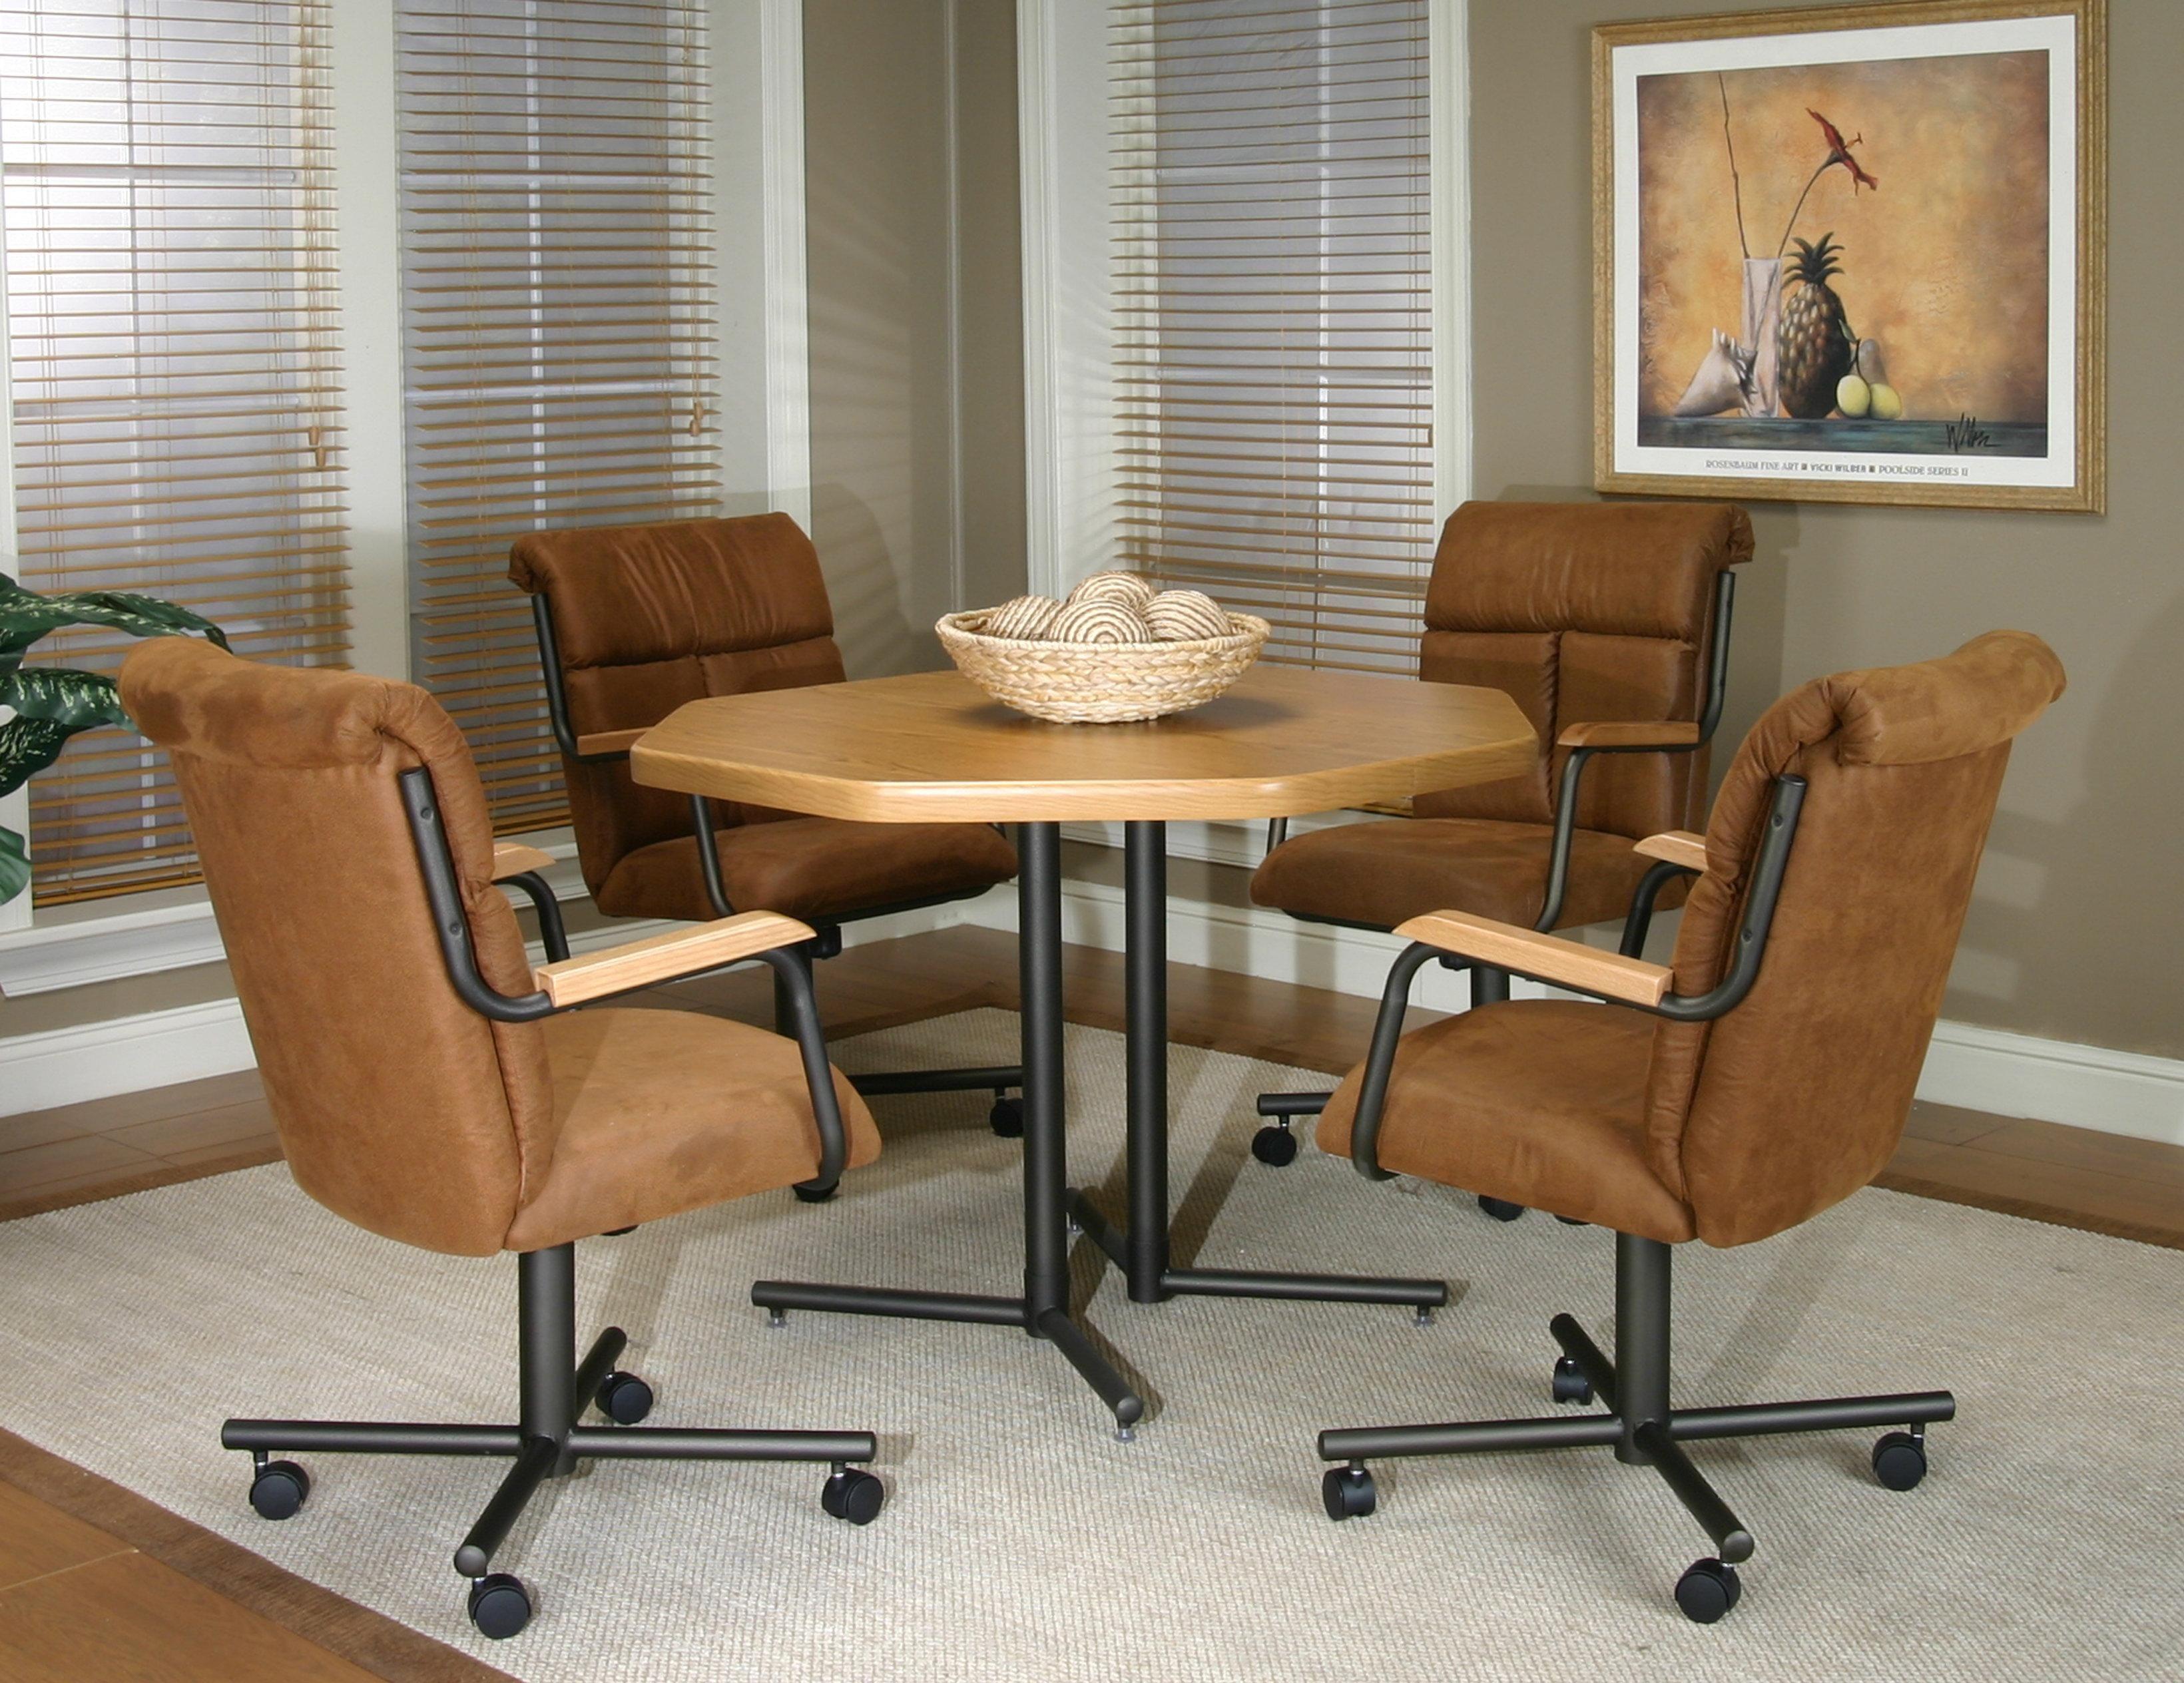 Dining Chair Mit Rollen Uberprufen Sie Mehr Unter Http Stuhle Info 38744 Dining Chair Mit Rollen Tisch Esszimmerstuhle Kuchentisch